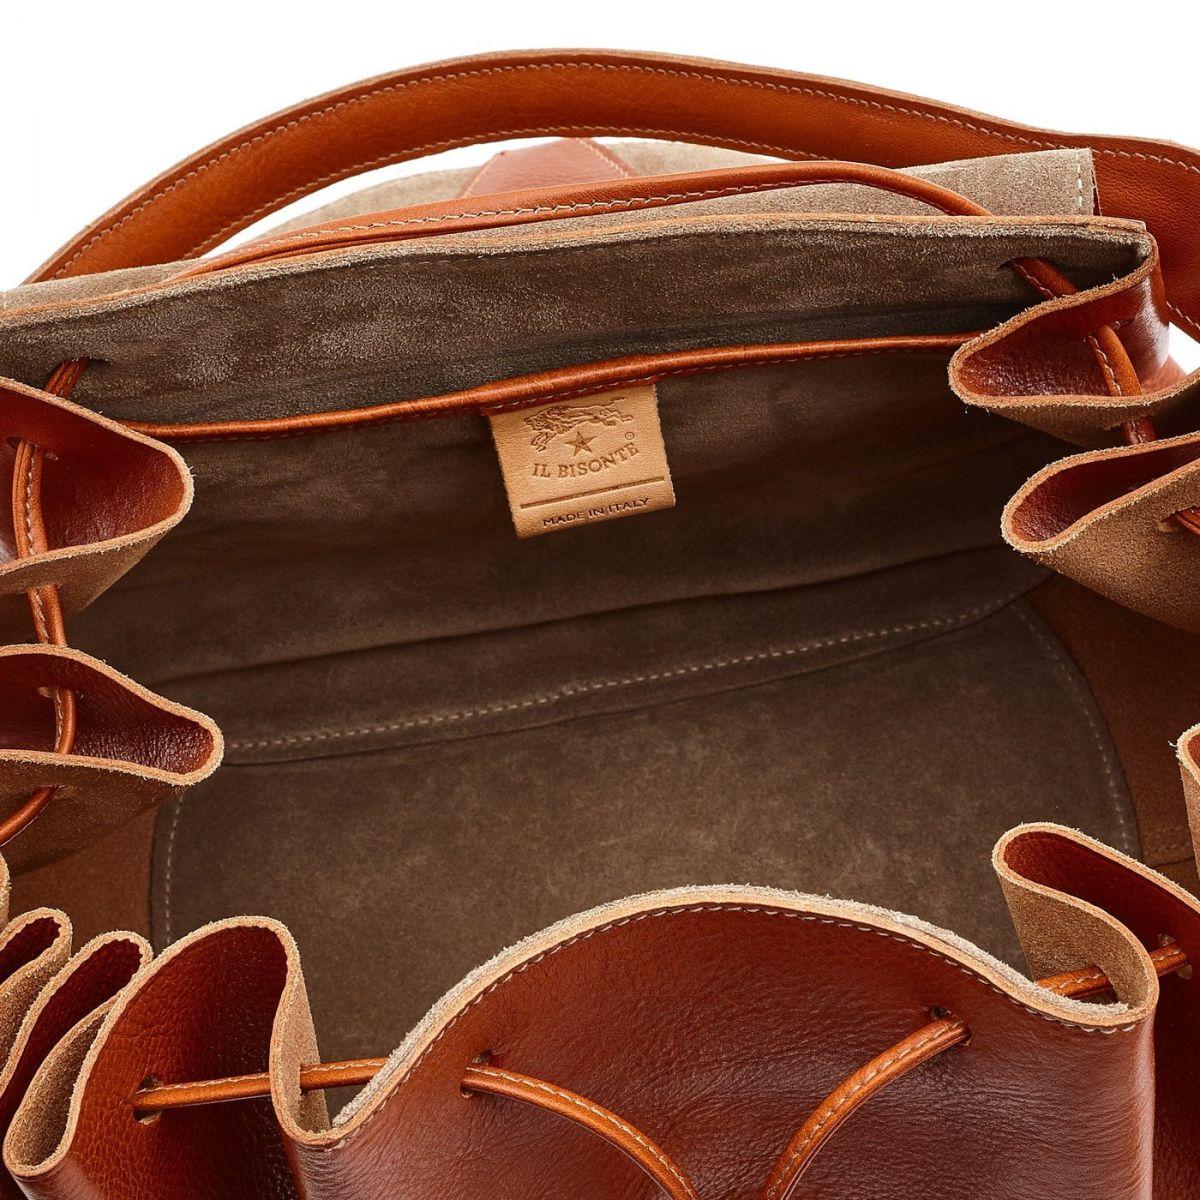 Borsa A Spalla da Donna Curly in Pelle Di Vacchetta BSH064 colore Caramello   Details